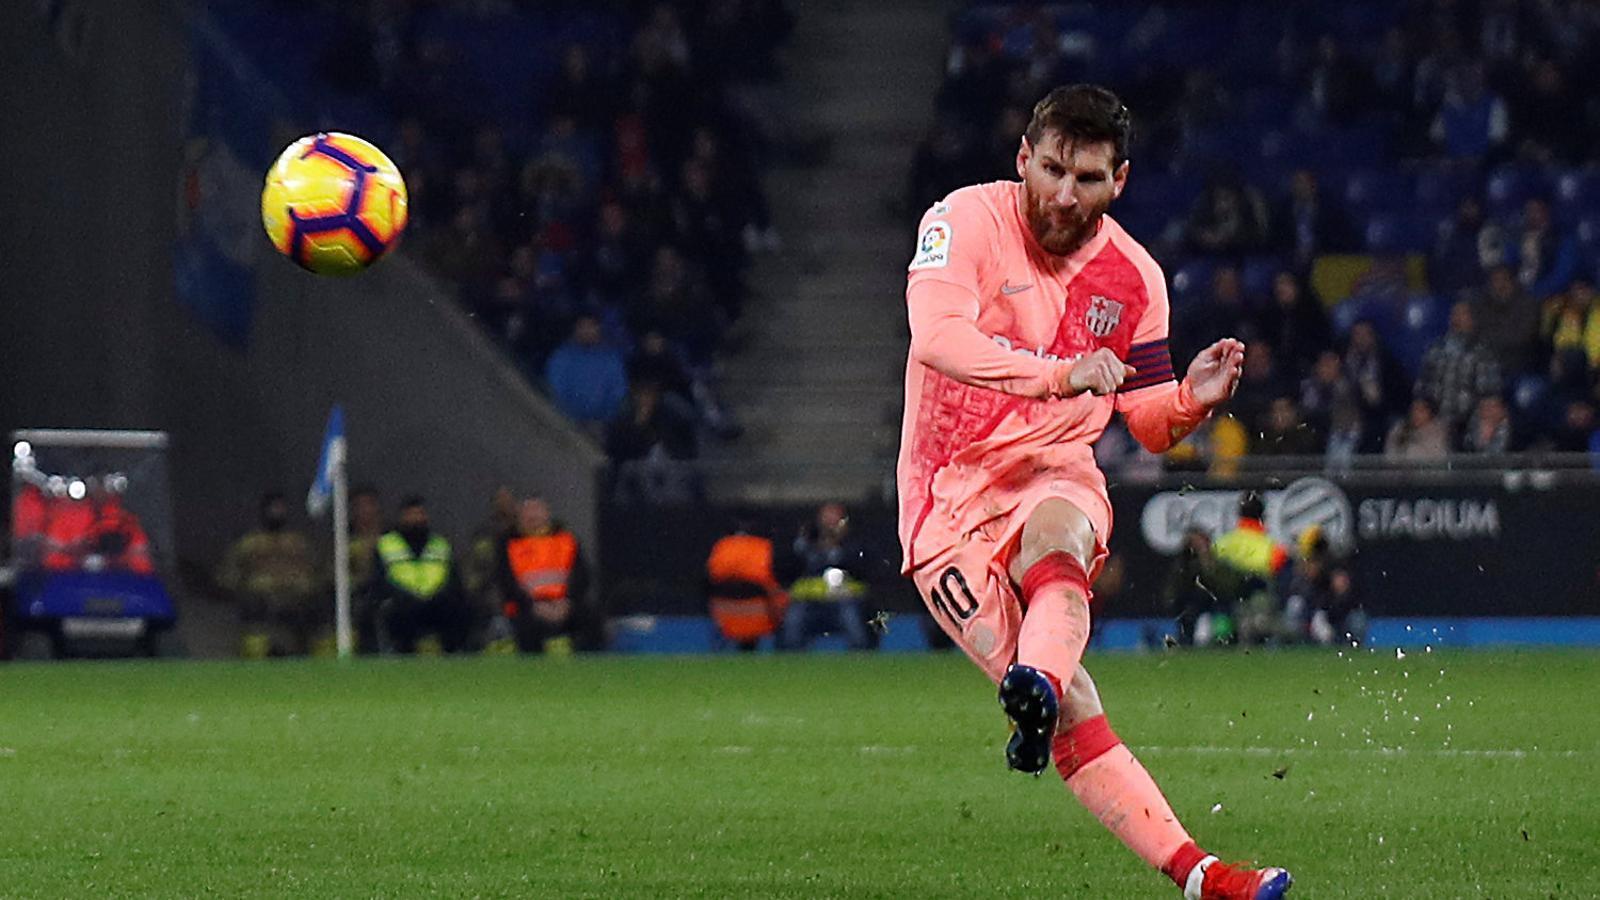 Messi executant el seu segon gol de falta en el derbi de dissabte passat contra l'Espanyol a l'RCDE Stadium.